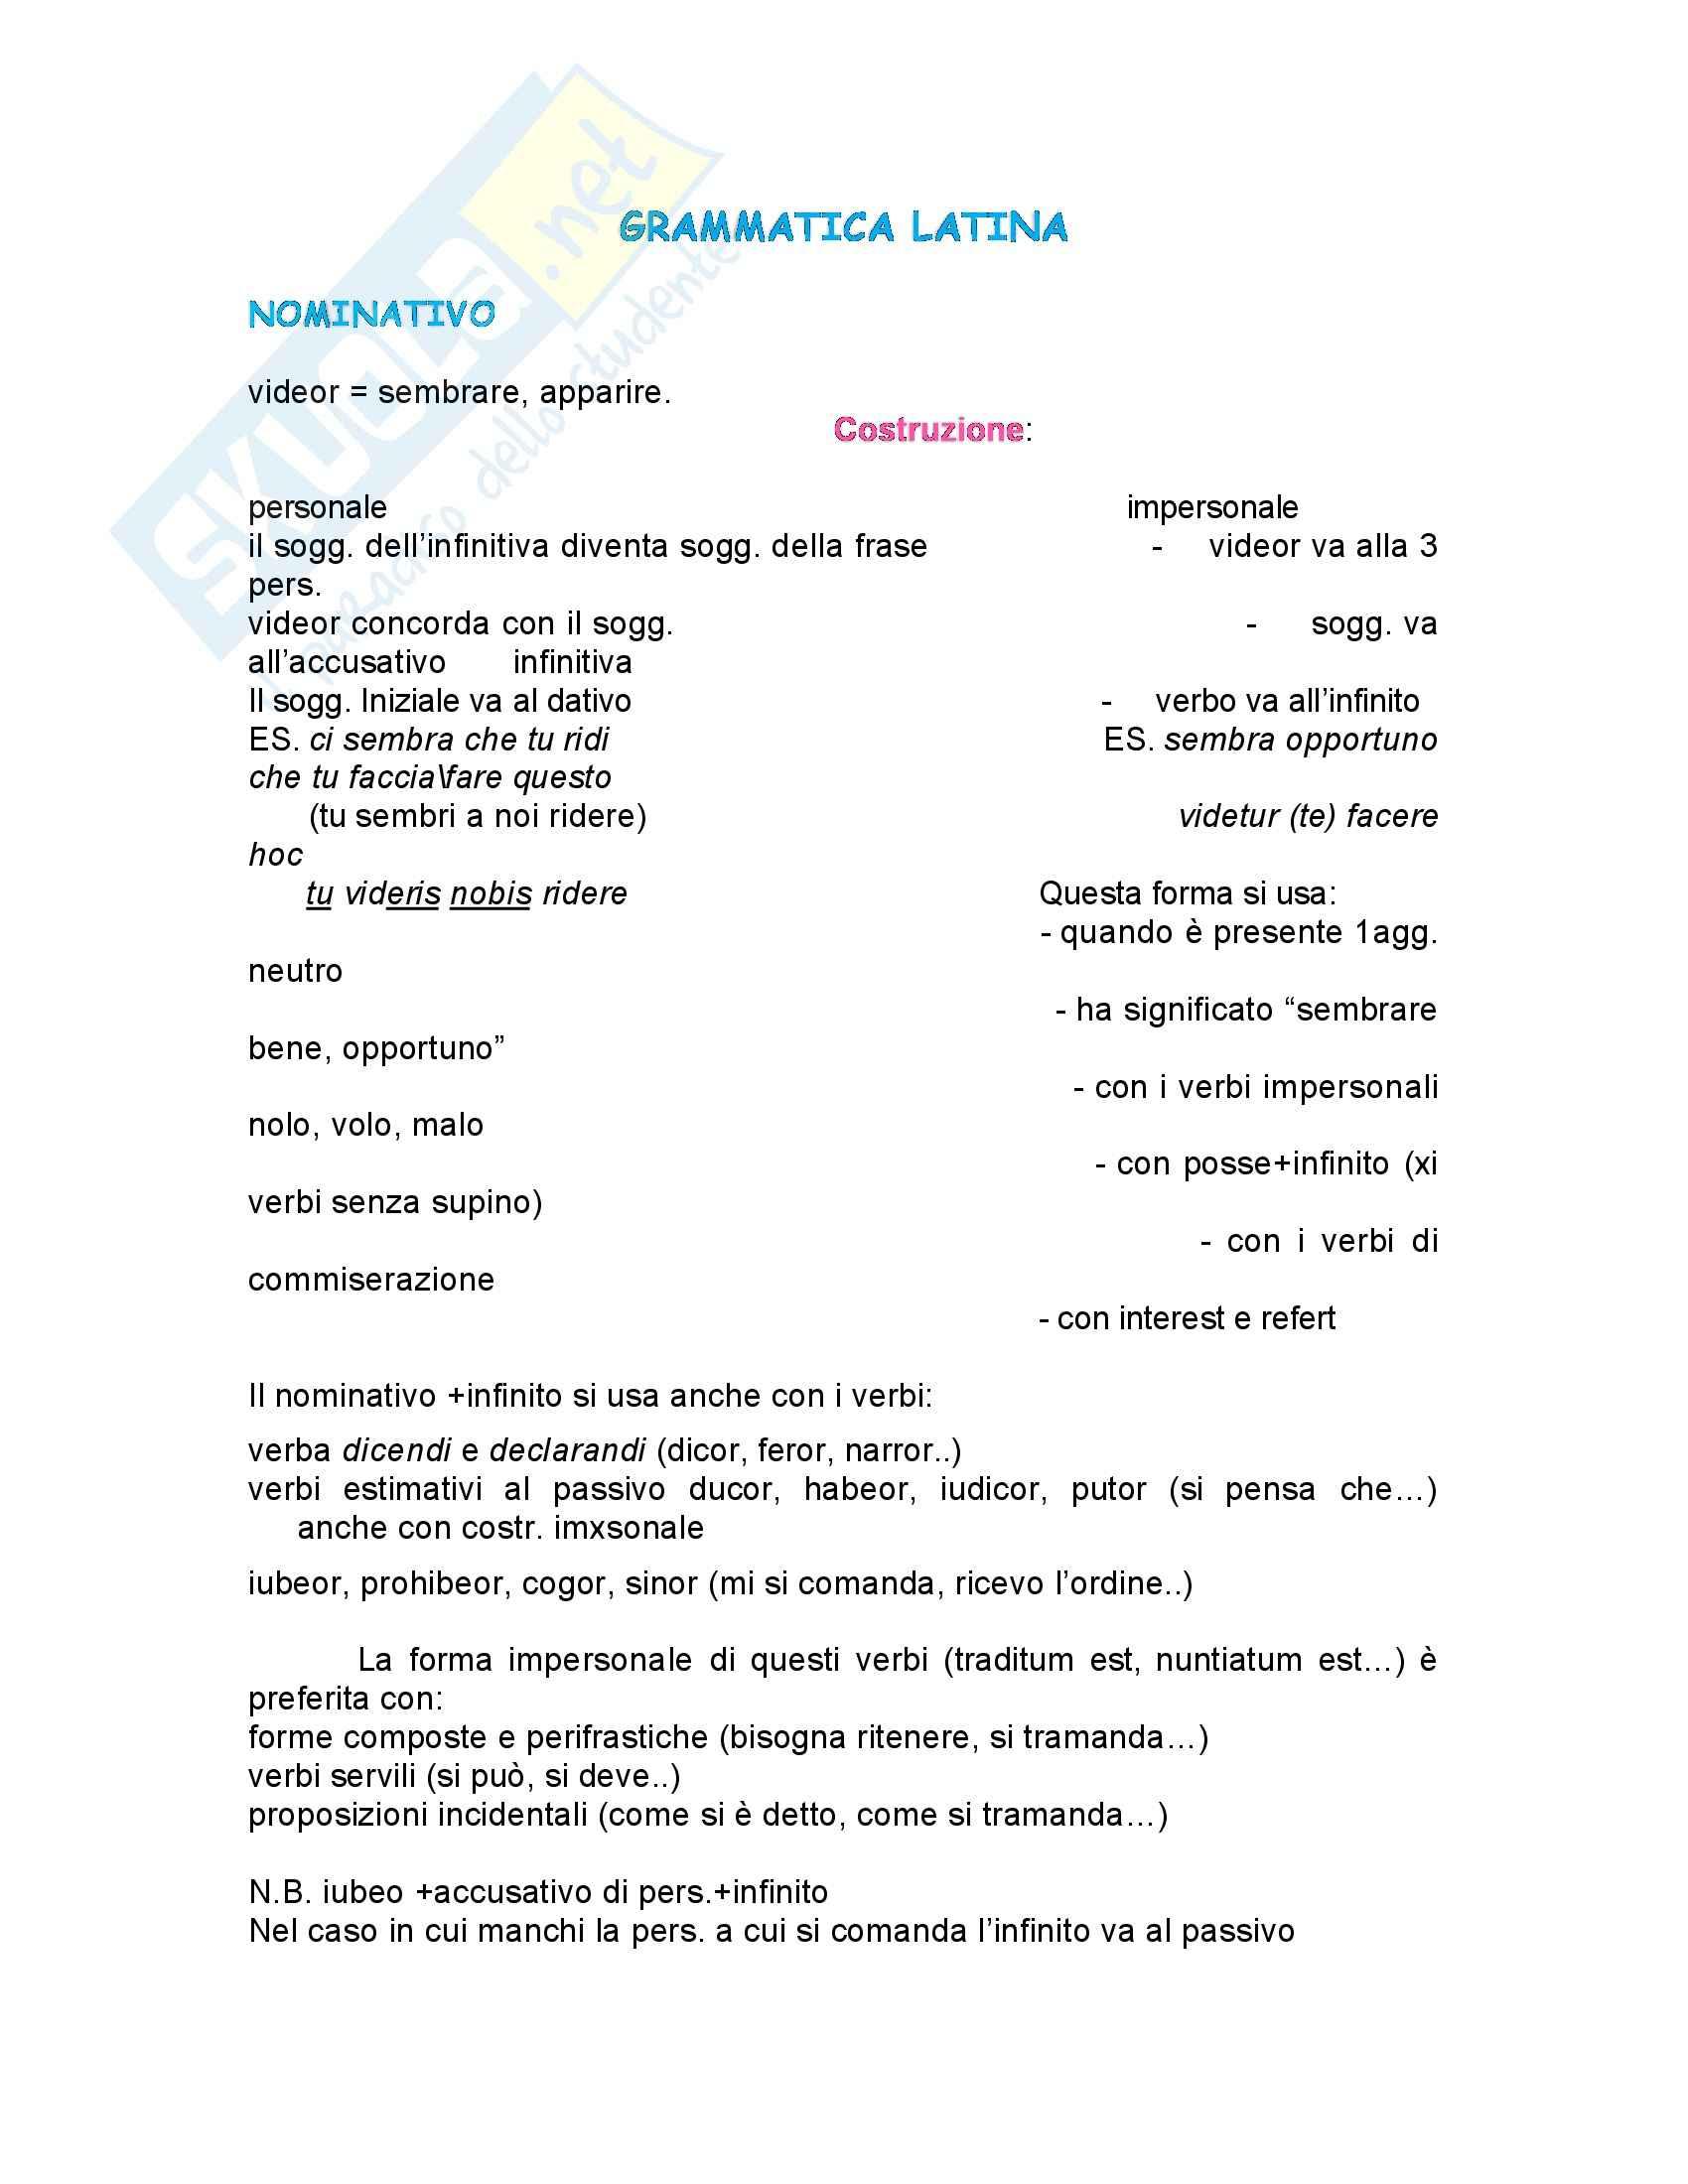 Latino - grammatica - Appunti